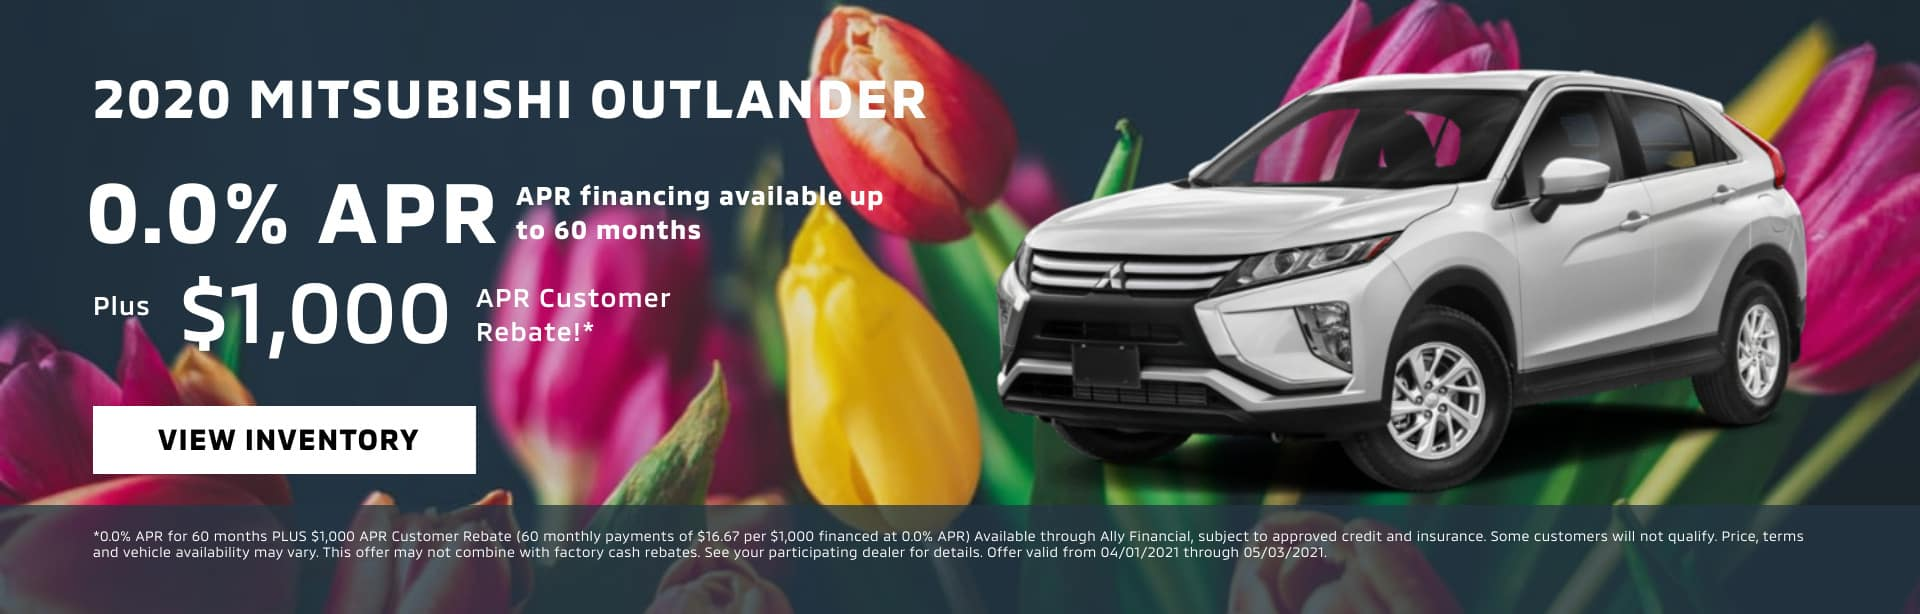 2020 Outlander - April